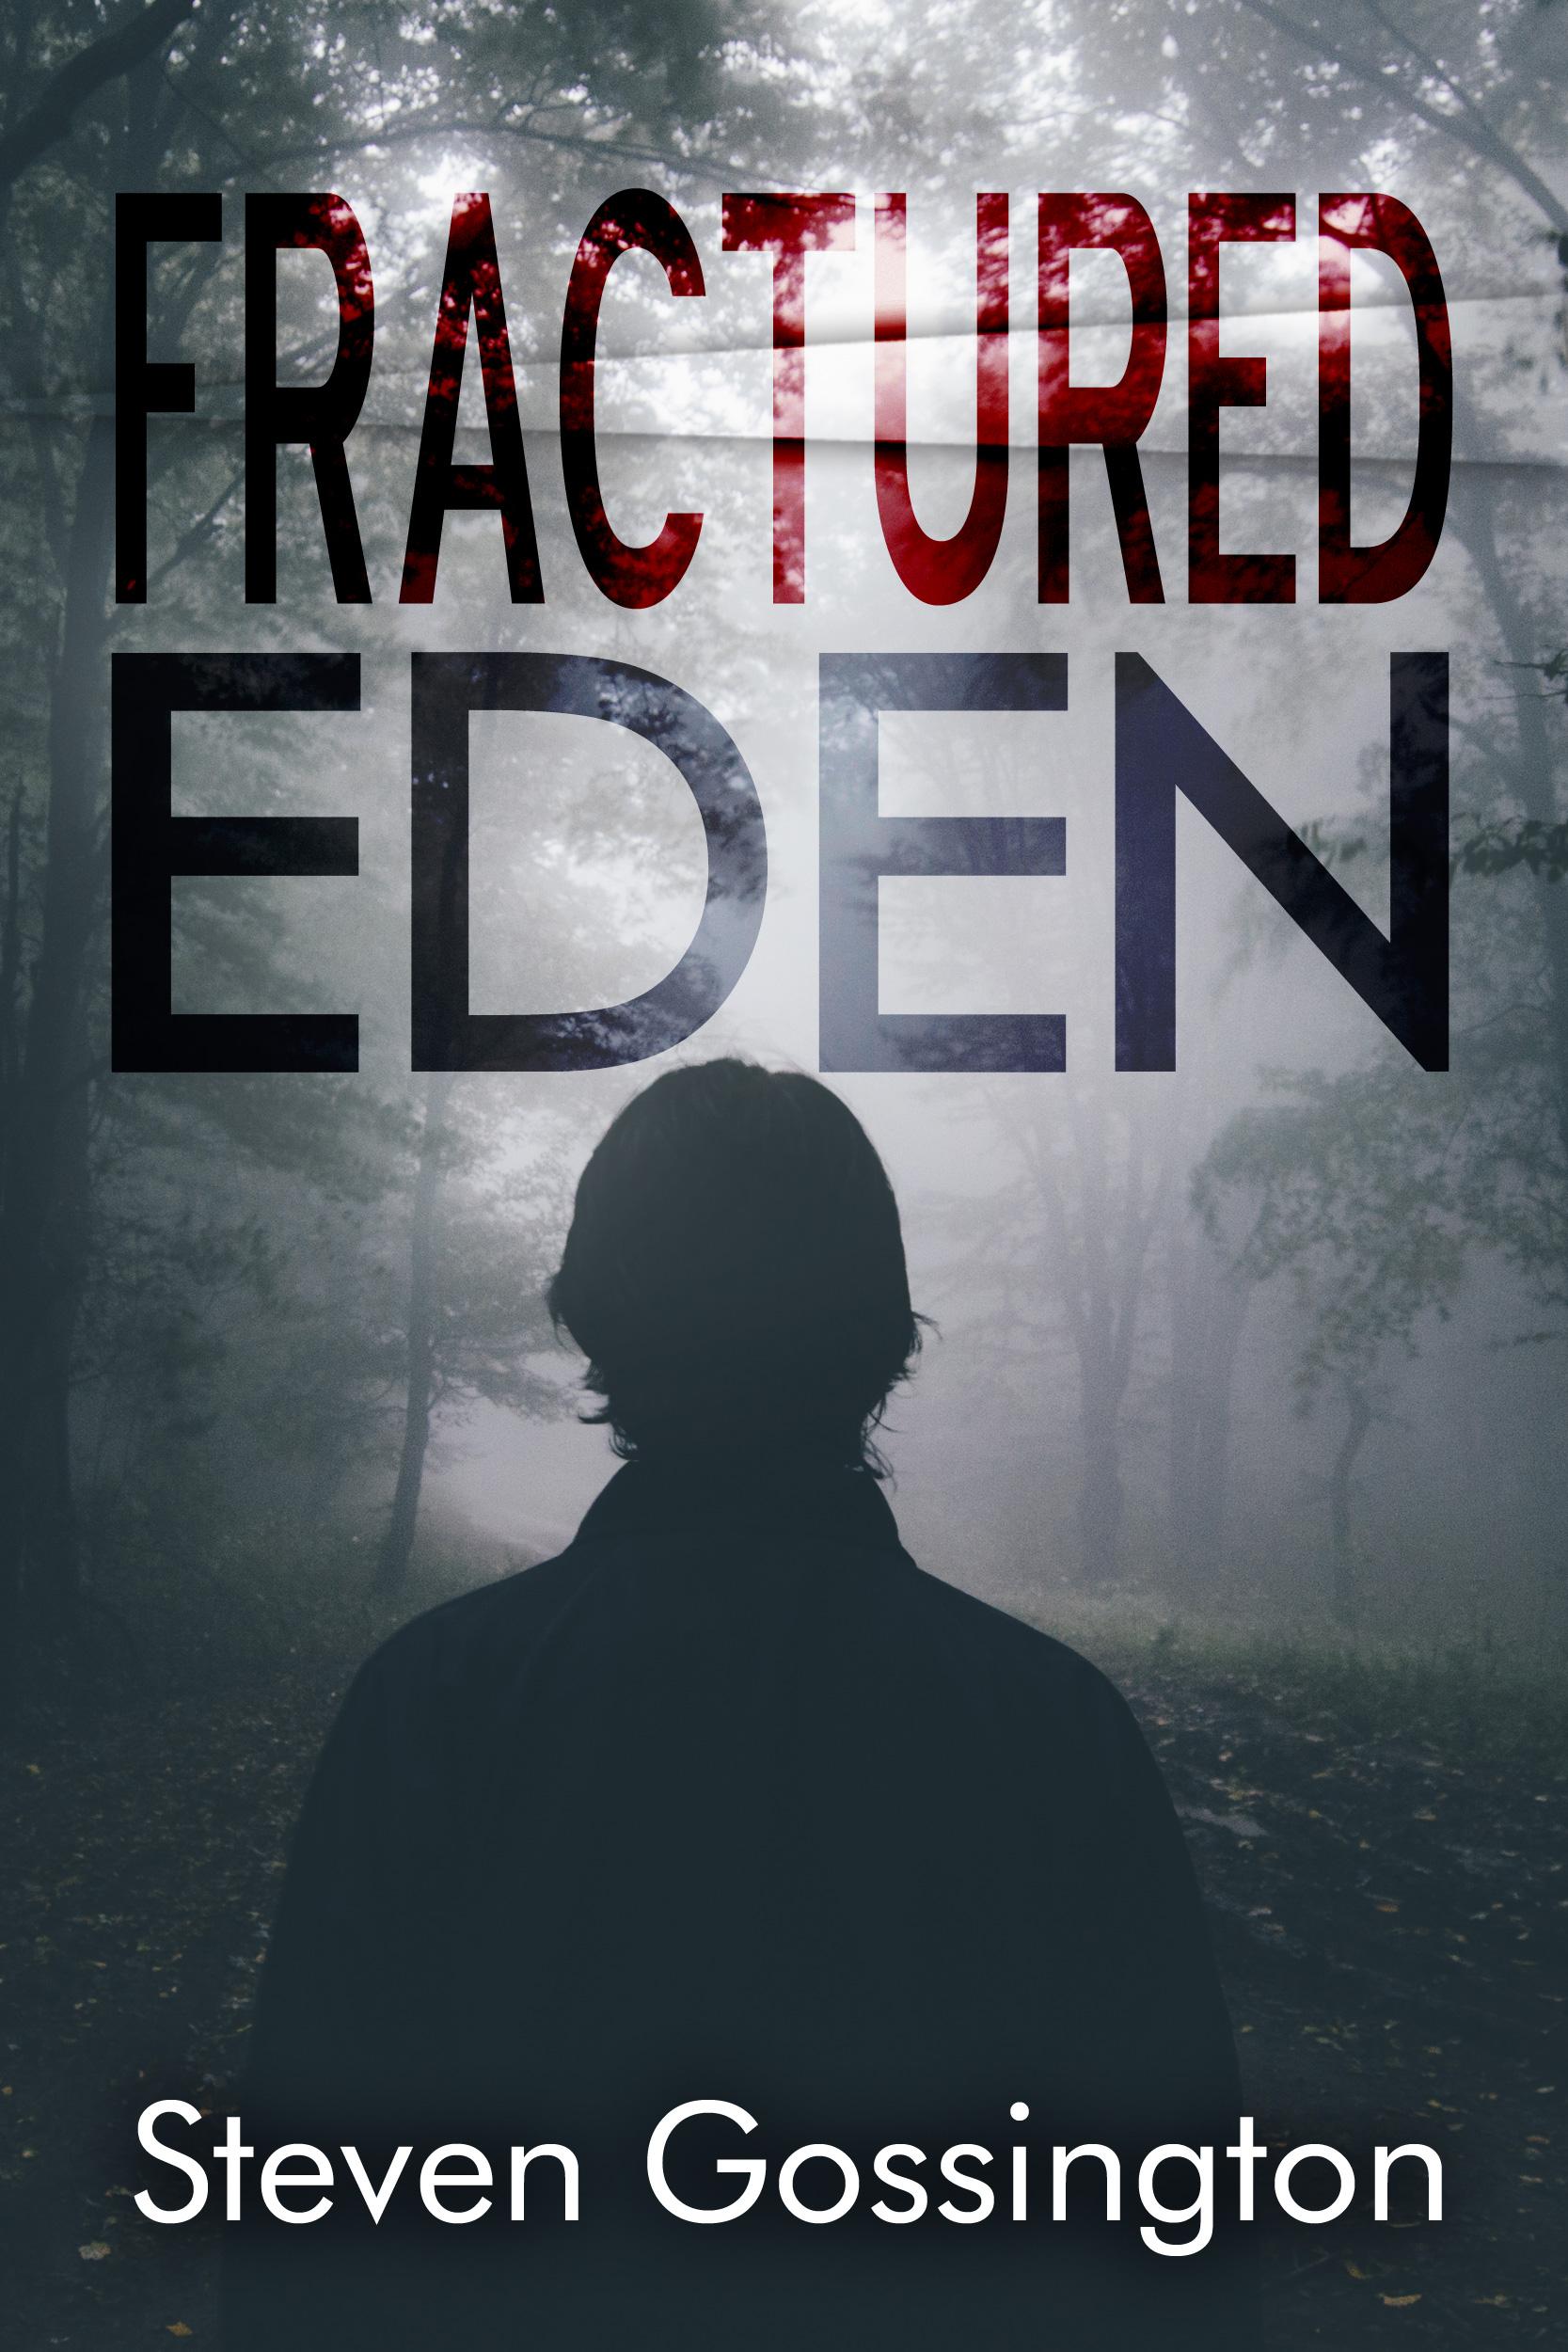 FracturedEden-FINAL-Amazon